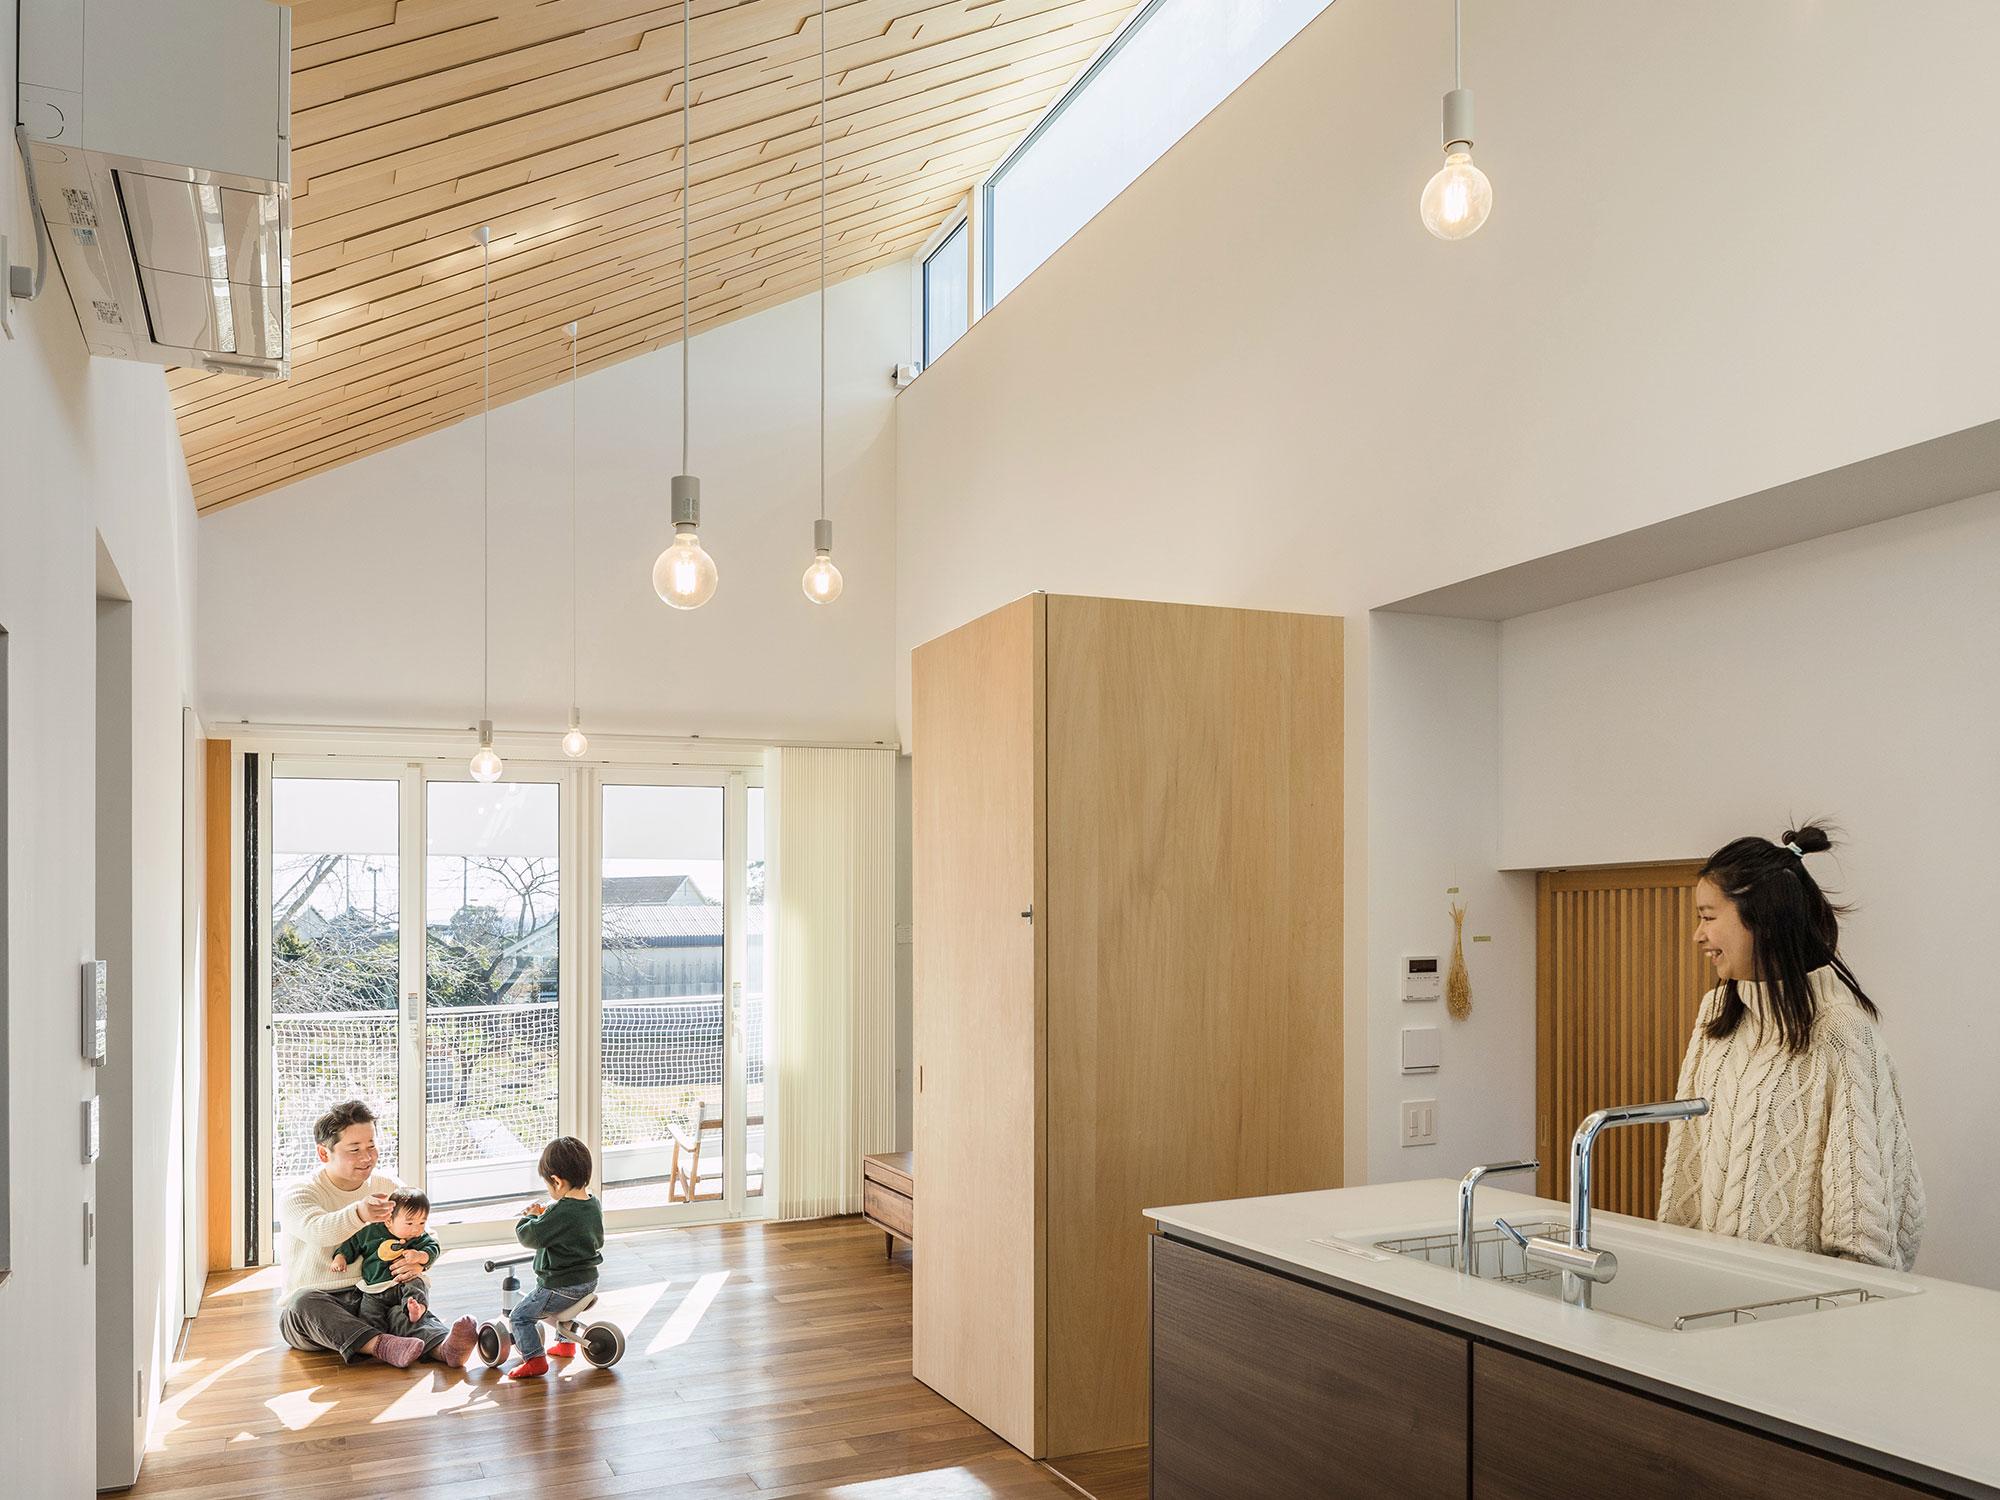 ツミキの家07|愛知県みよし市|Natureスペース施工事例